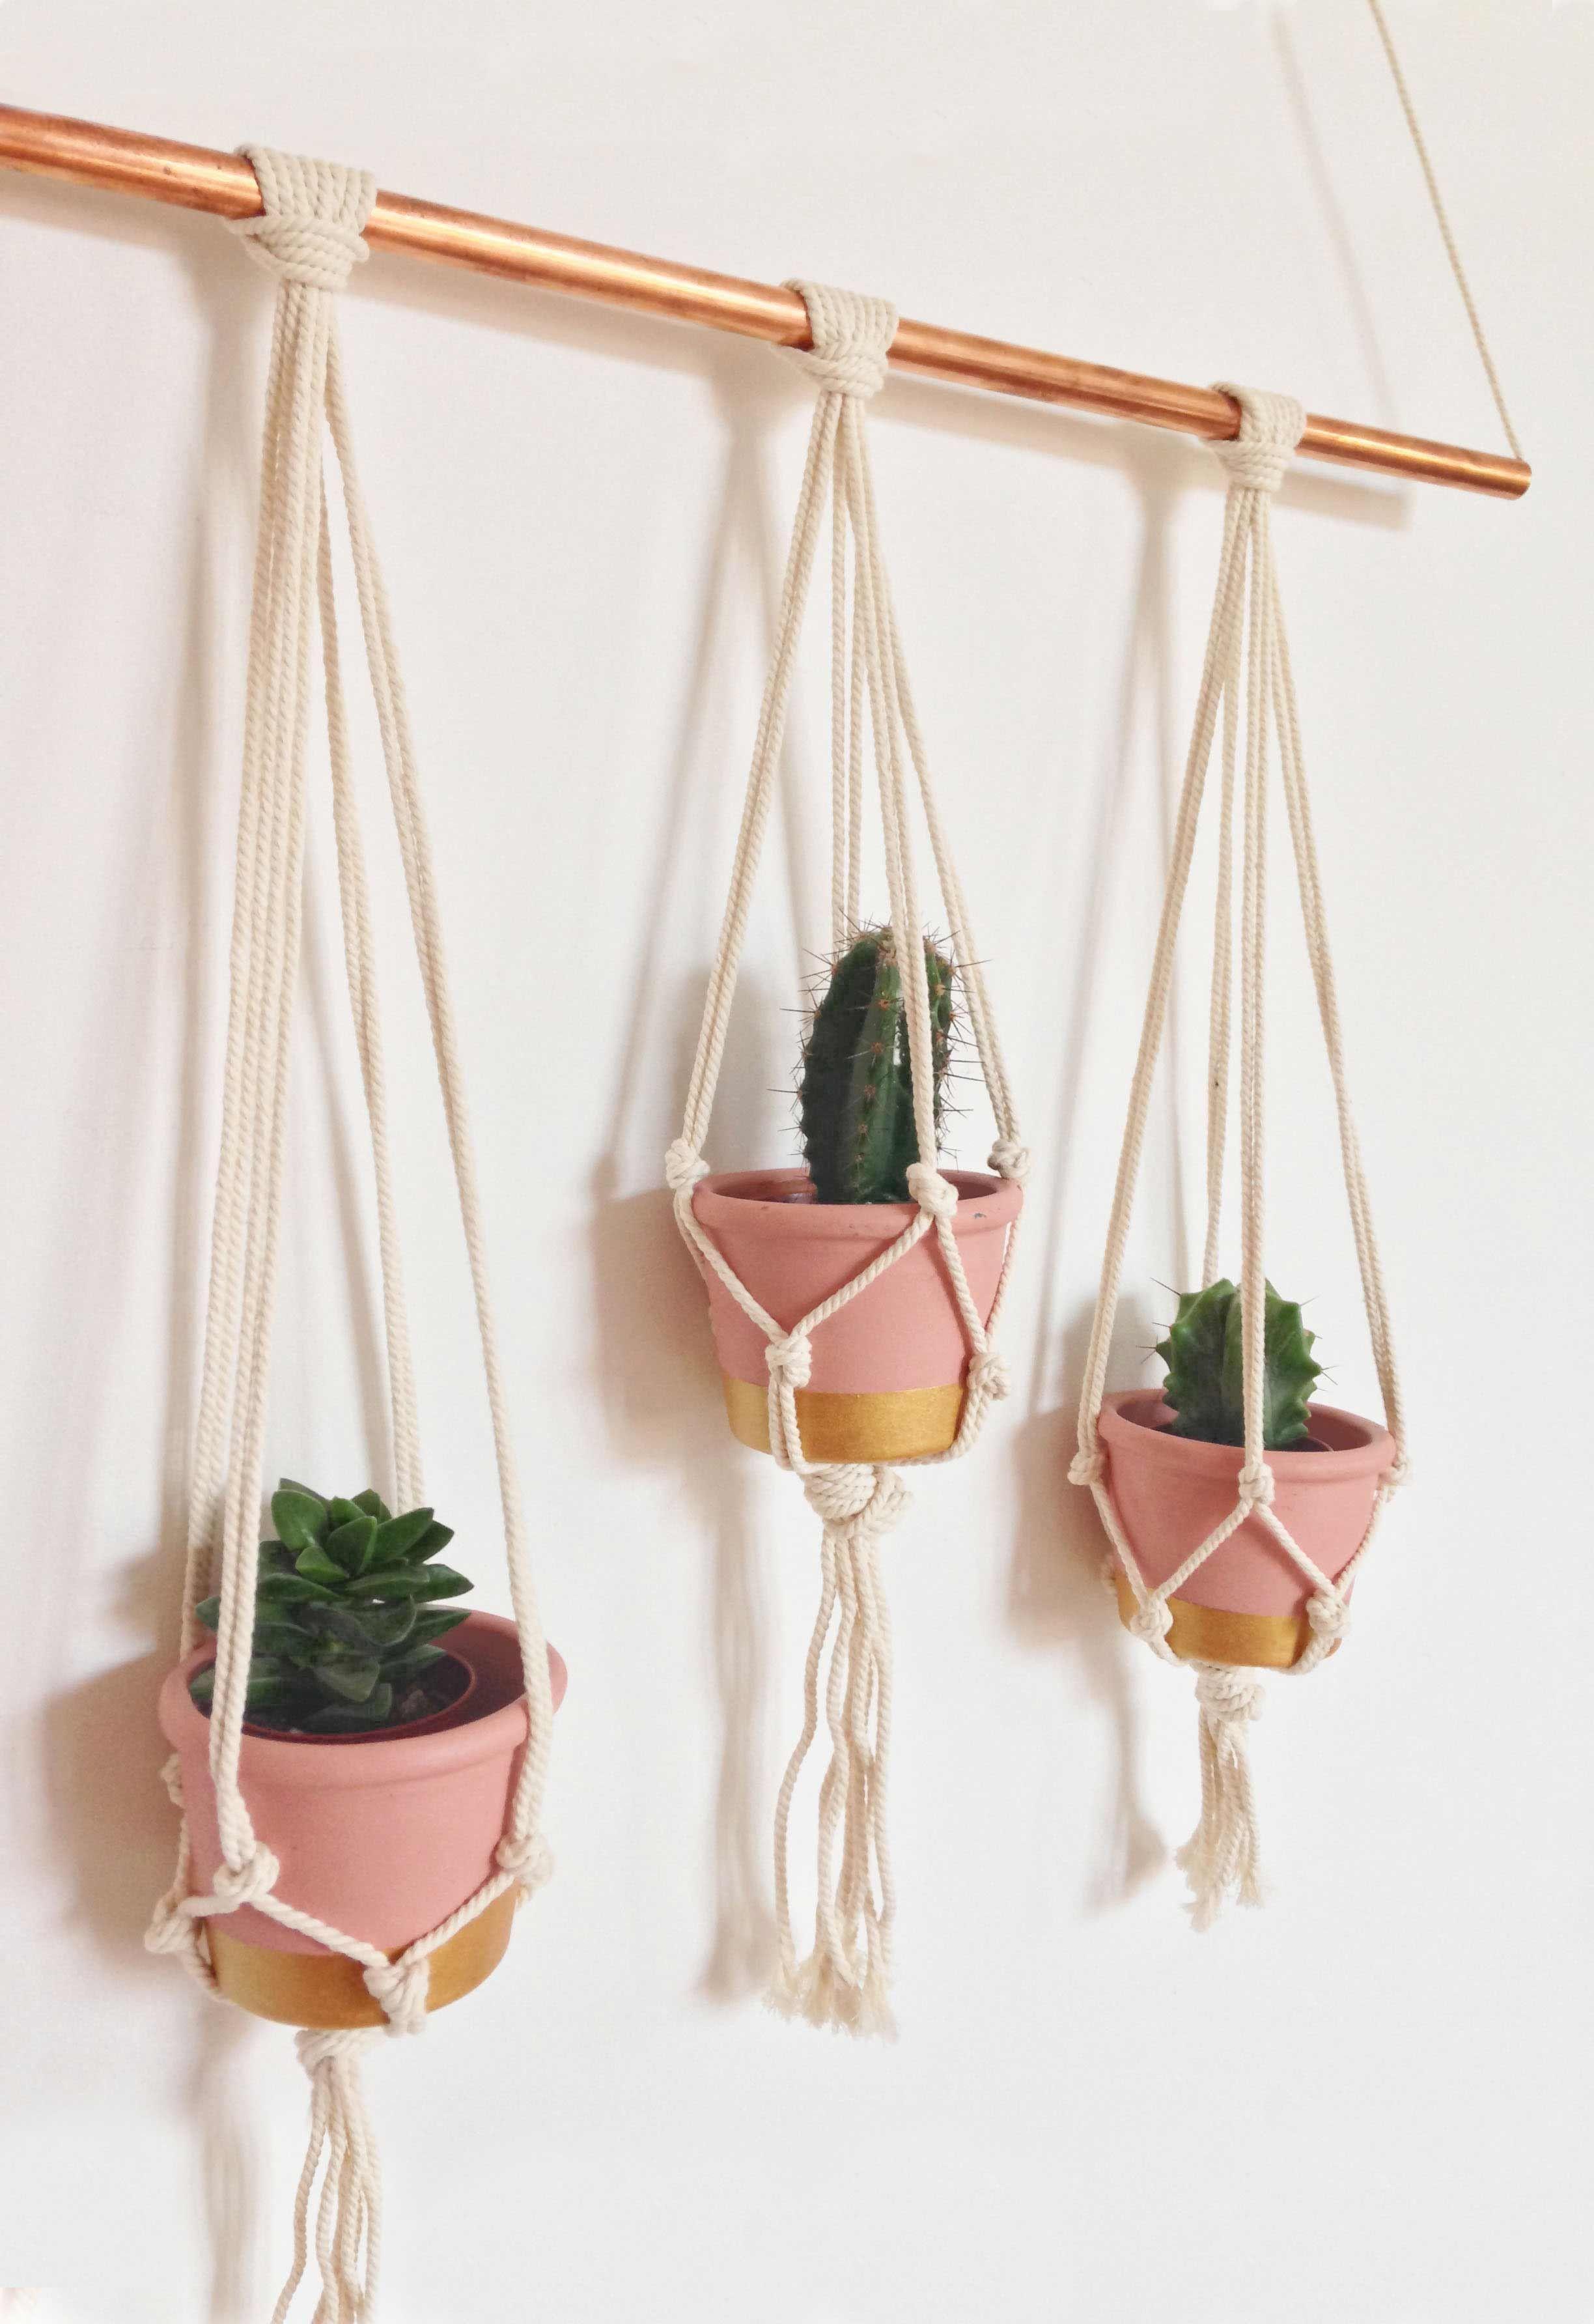 les 25 meilleures id es de la cat gorie suspension plante sur pinterest plante suspendue. Black Bedroom Furniture Sets. Home Design Ideas